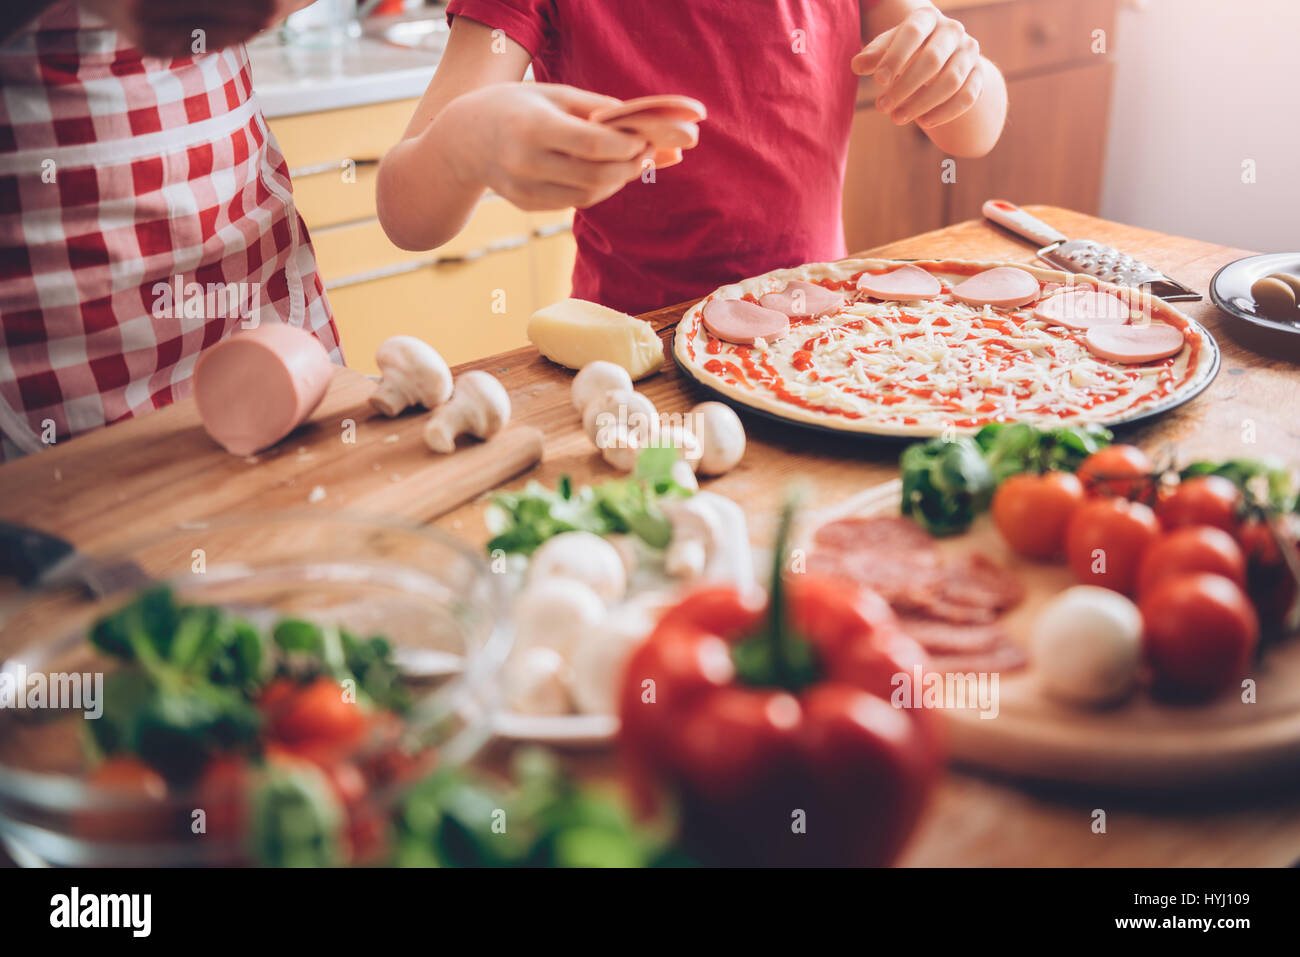 Madre e figlia preparare la pizza in cucina Immagini Stock